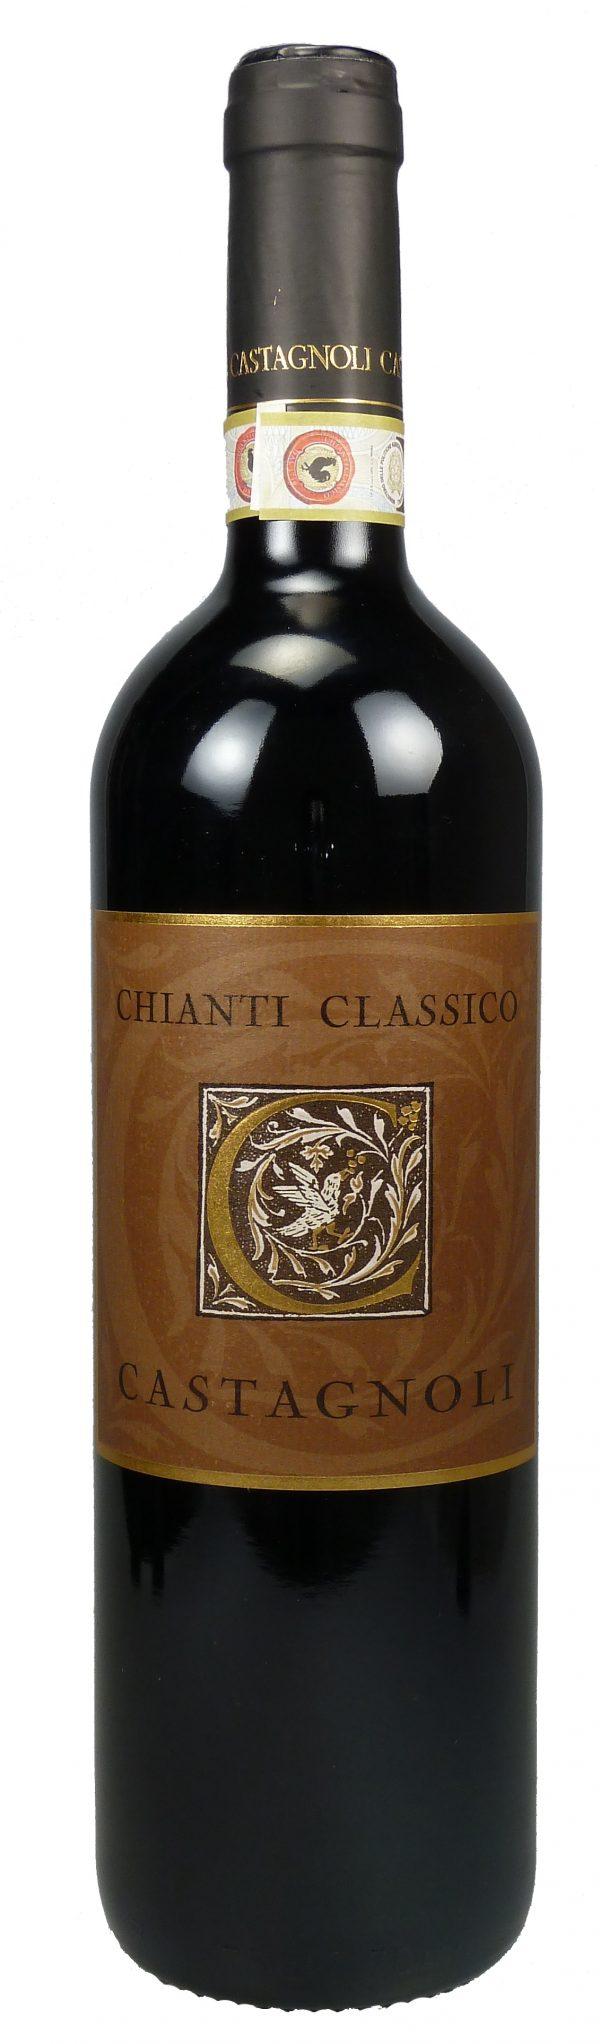 Chianti Classico bio 2015